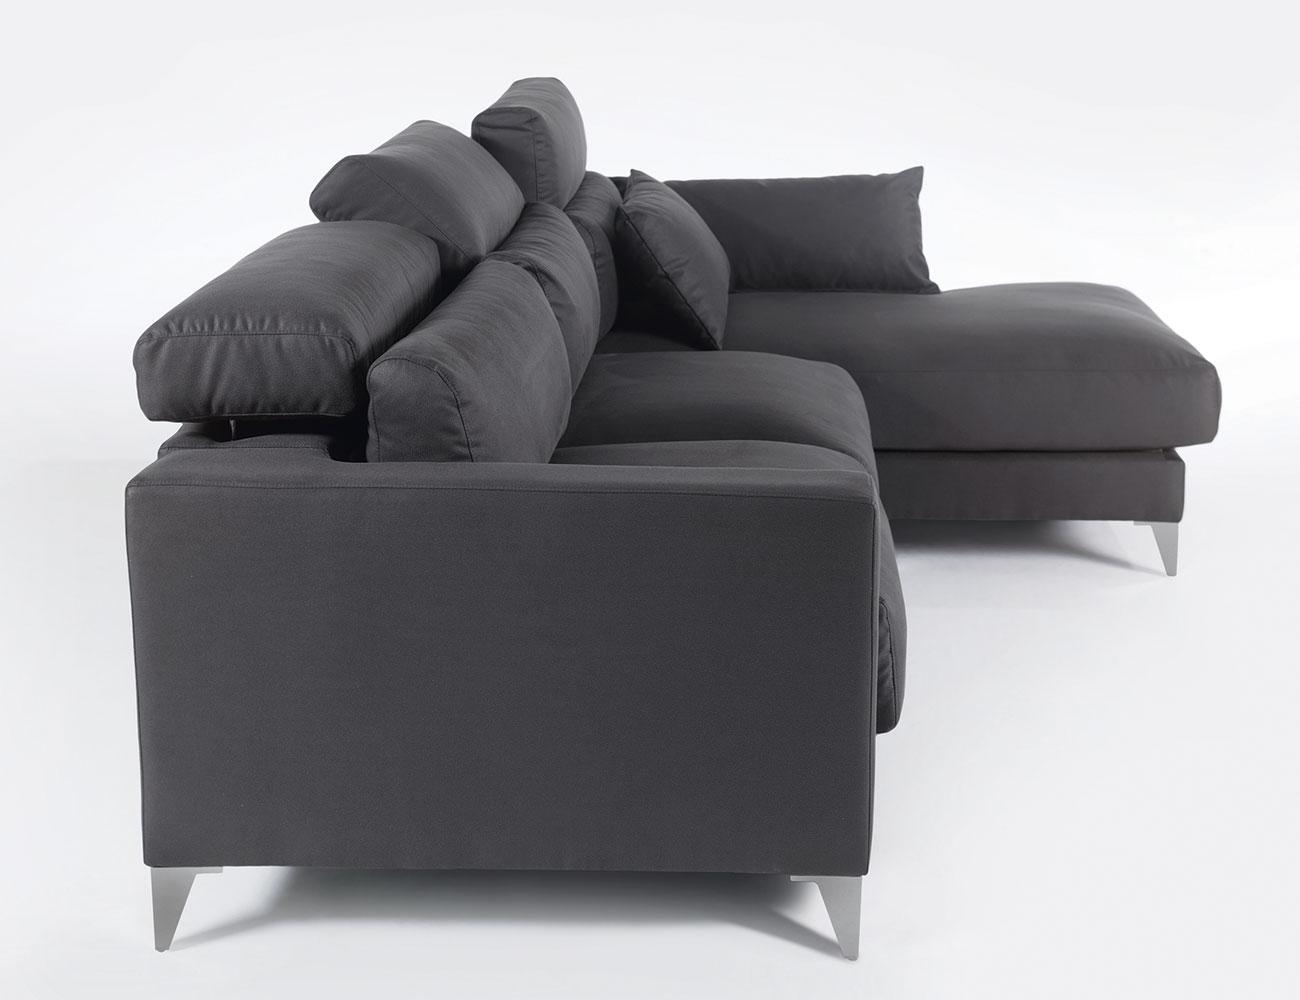 Sofa chaiselongue gran lujo decorativo grafito 132